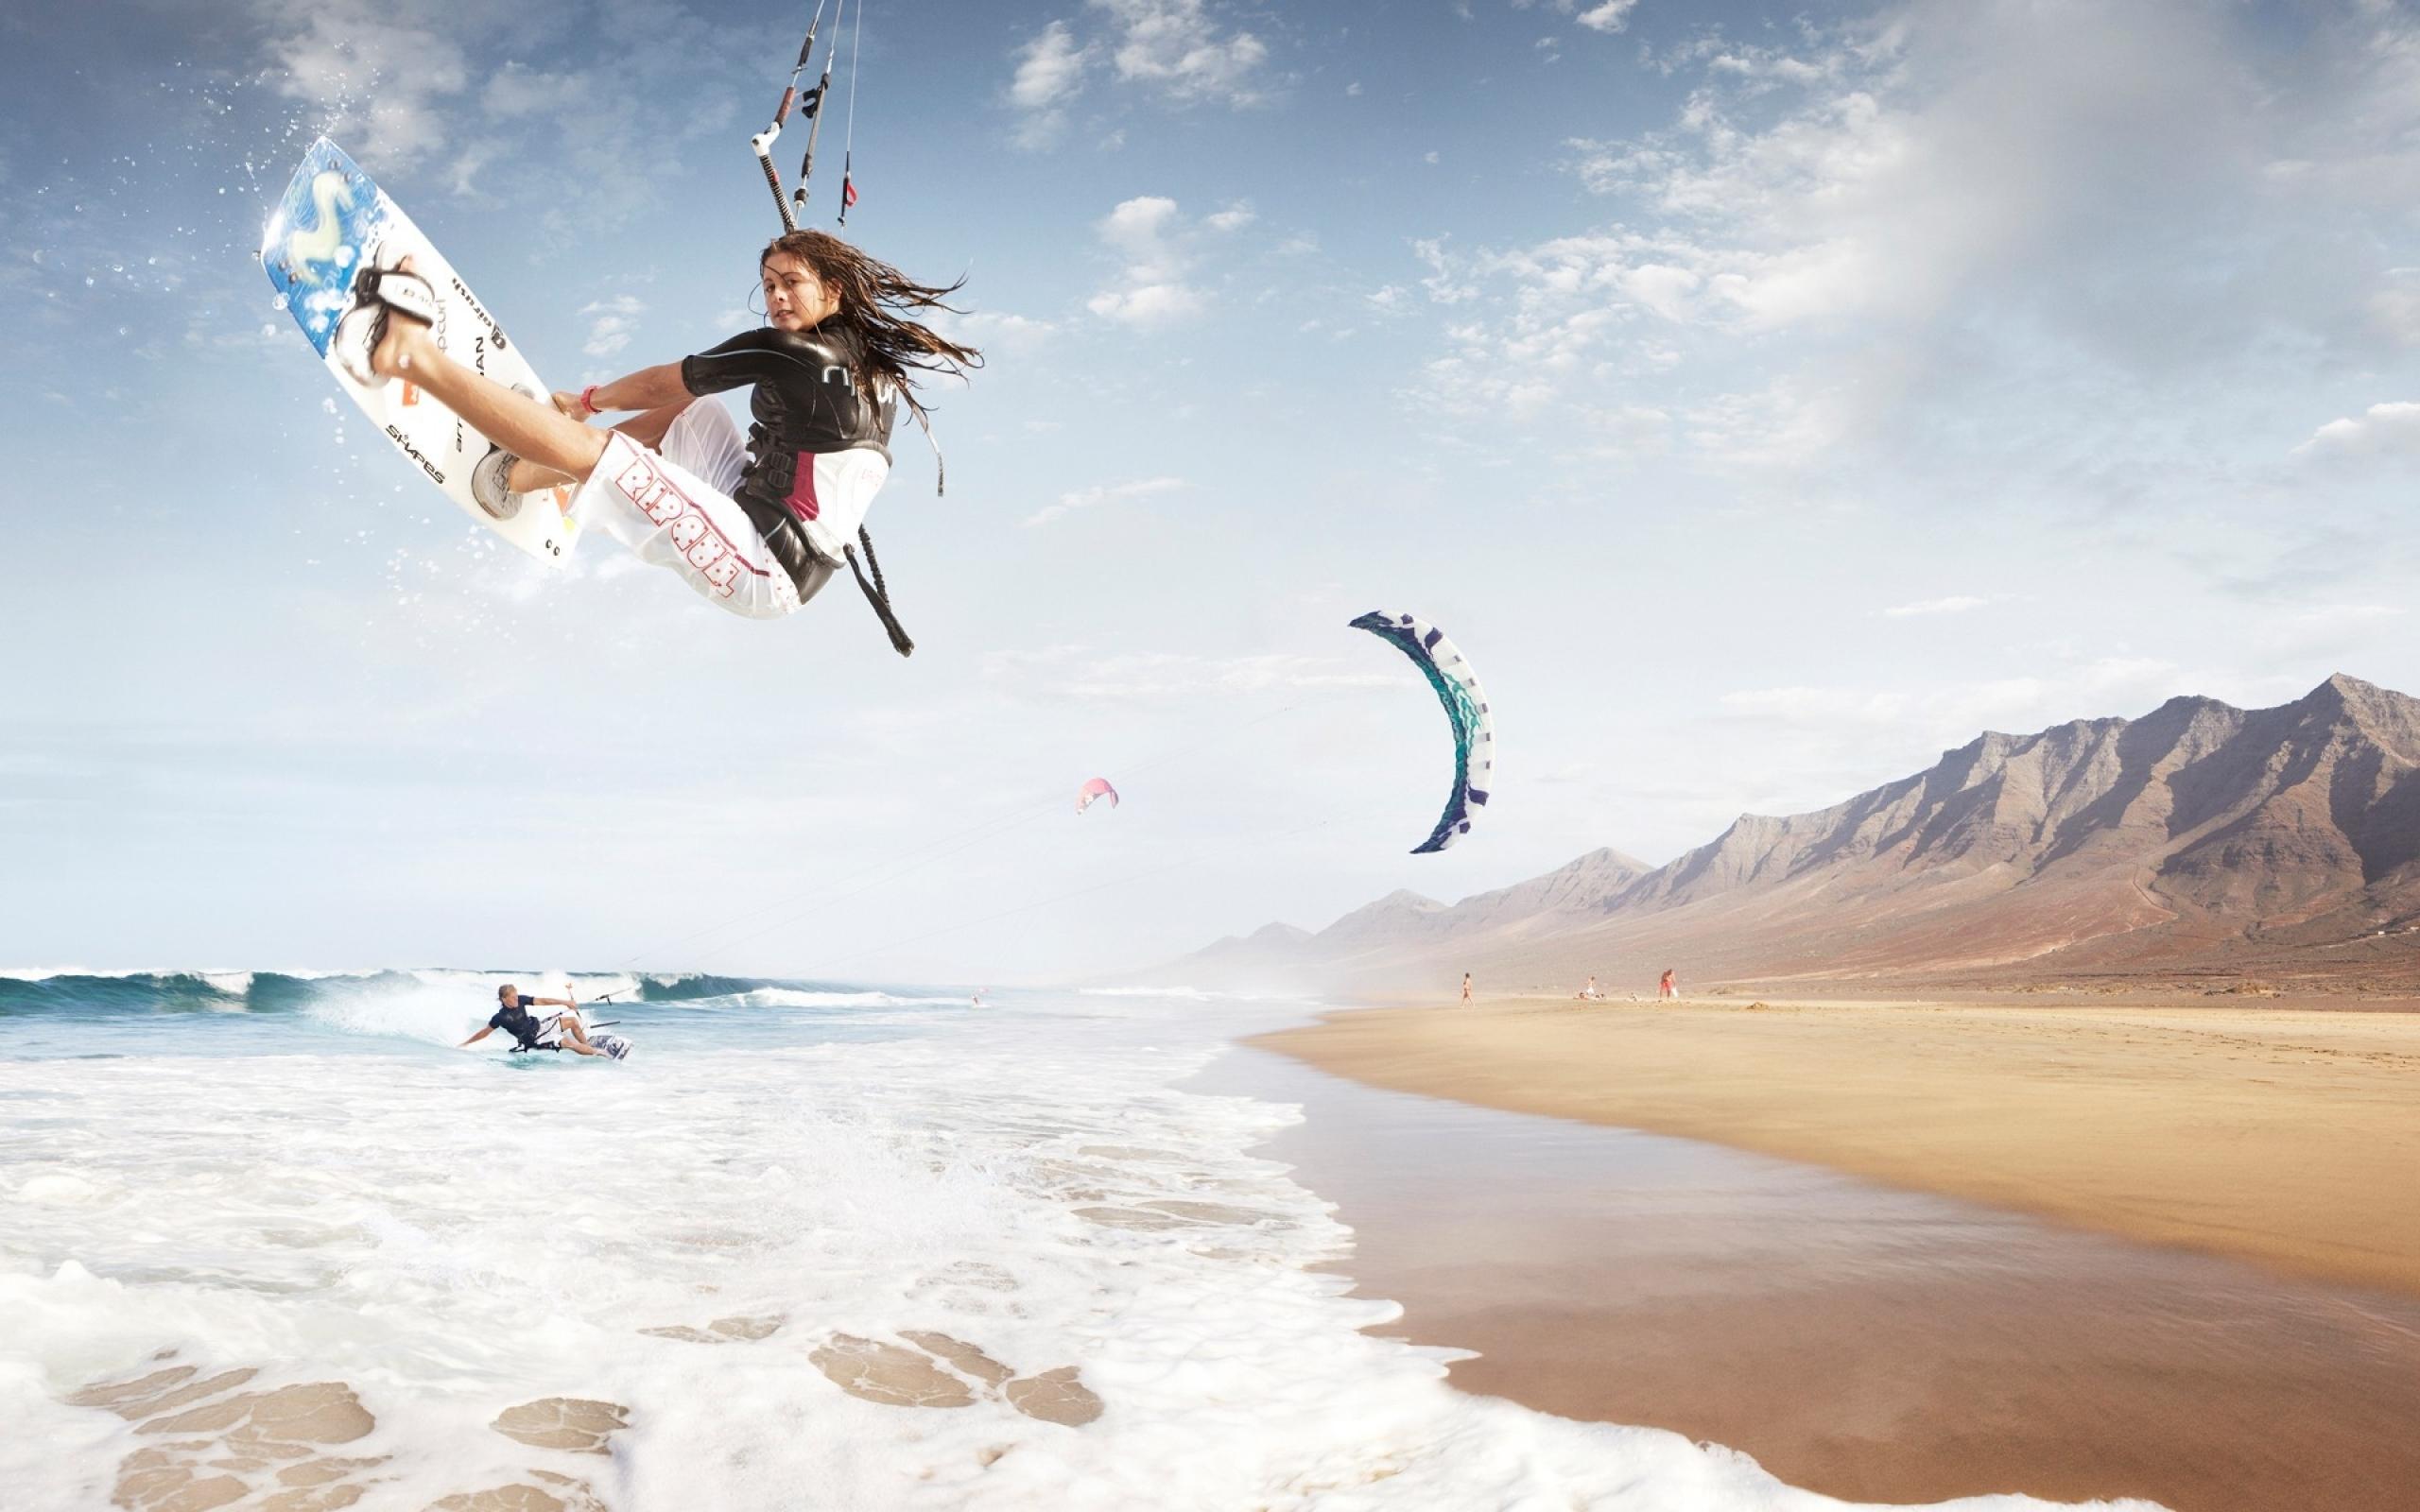 Le Kitesurf, une discipline fun aux sensations uniques !